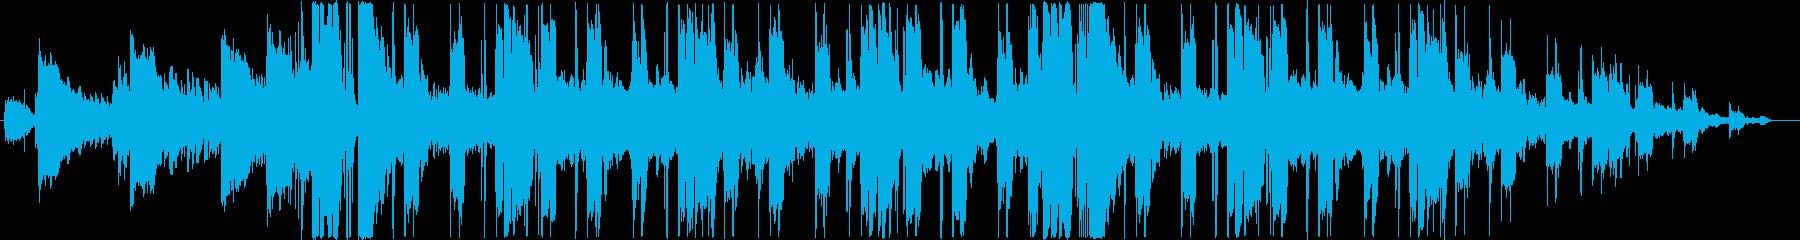 コード、情報発表。ヒロイック、パワ...の再生済みの波形